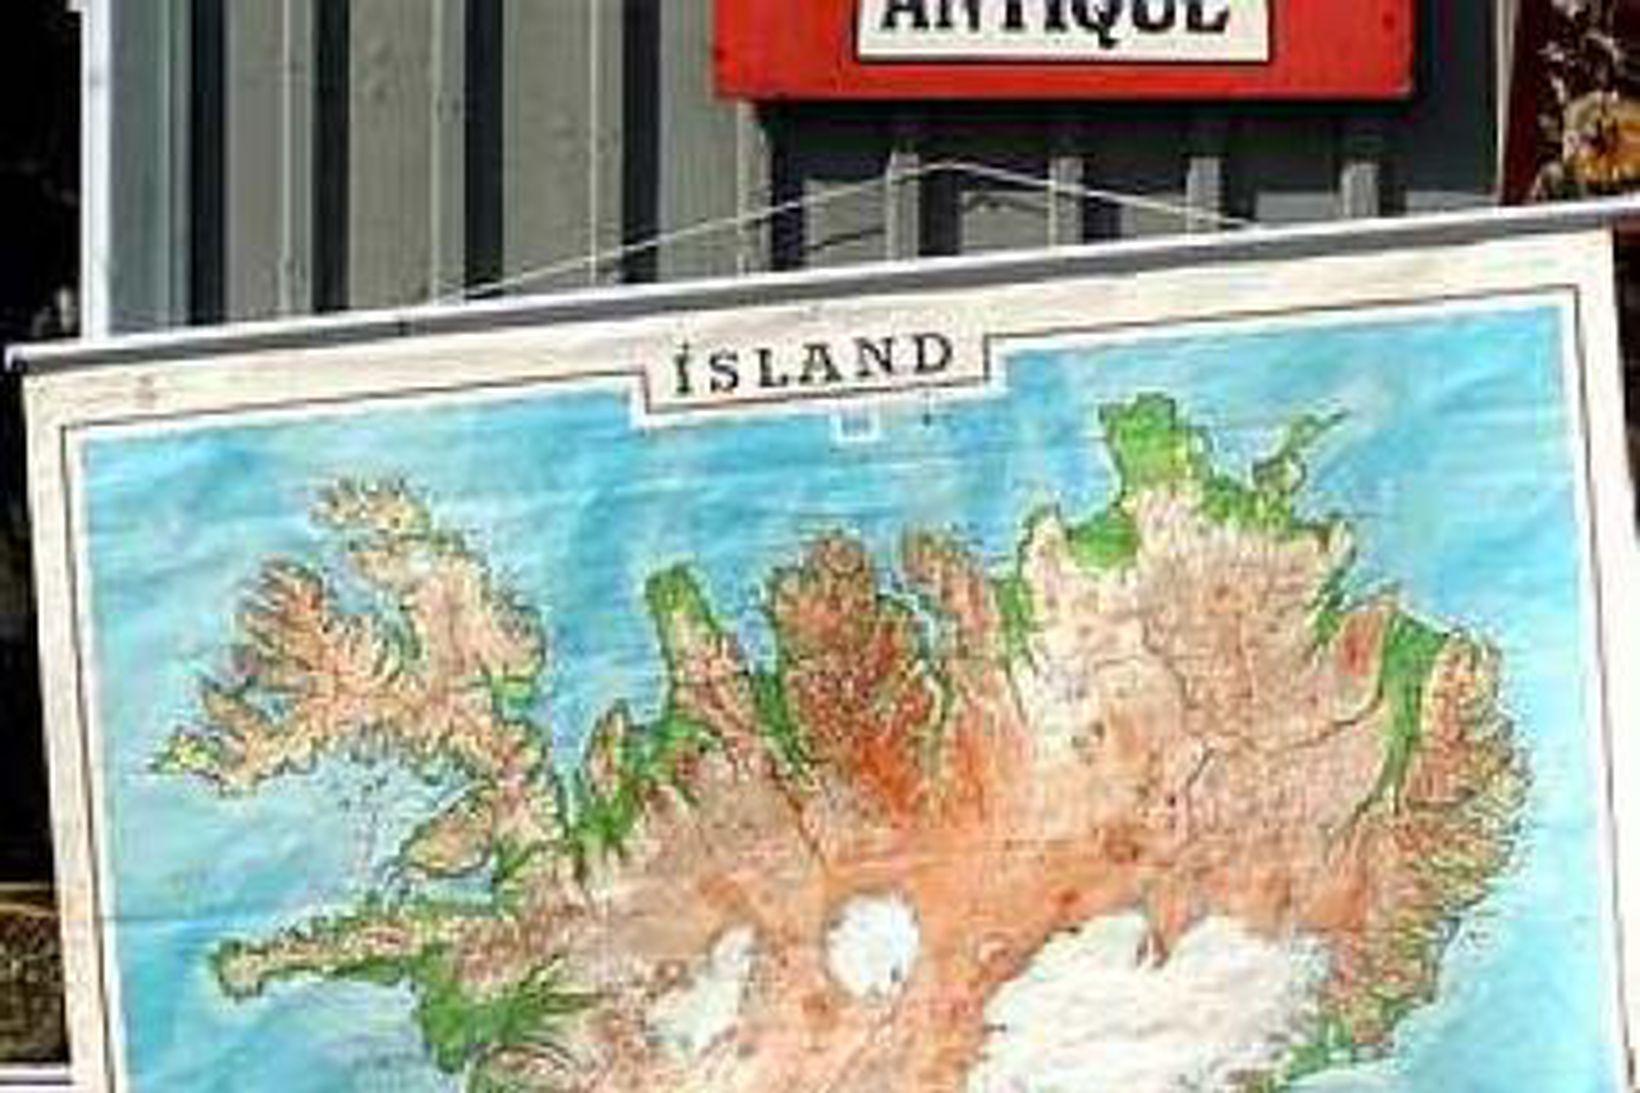 Á Íslandi eru lífskjörin mikil, veðrið misjafnt og verðlagið hátt.